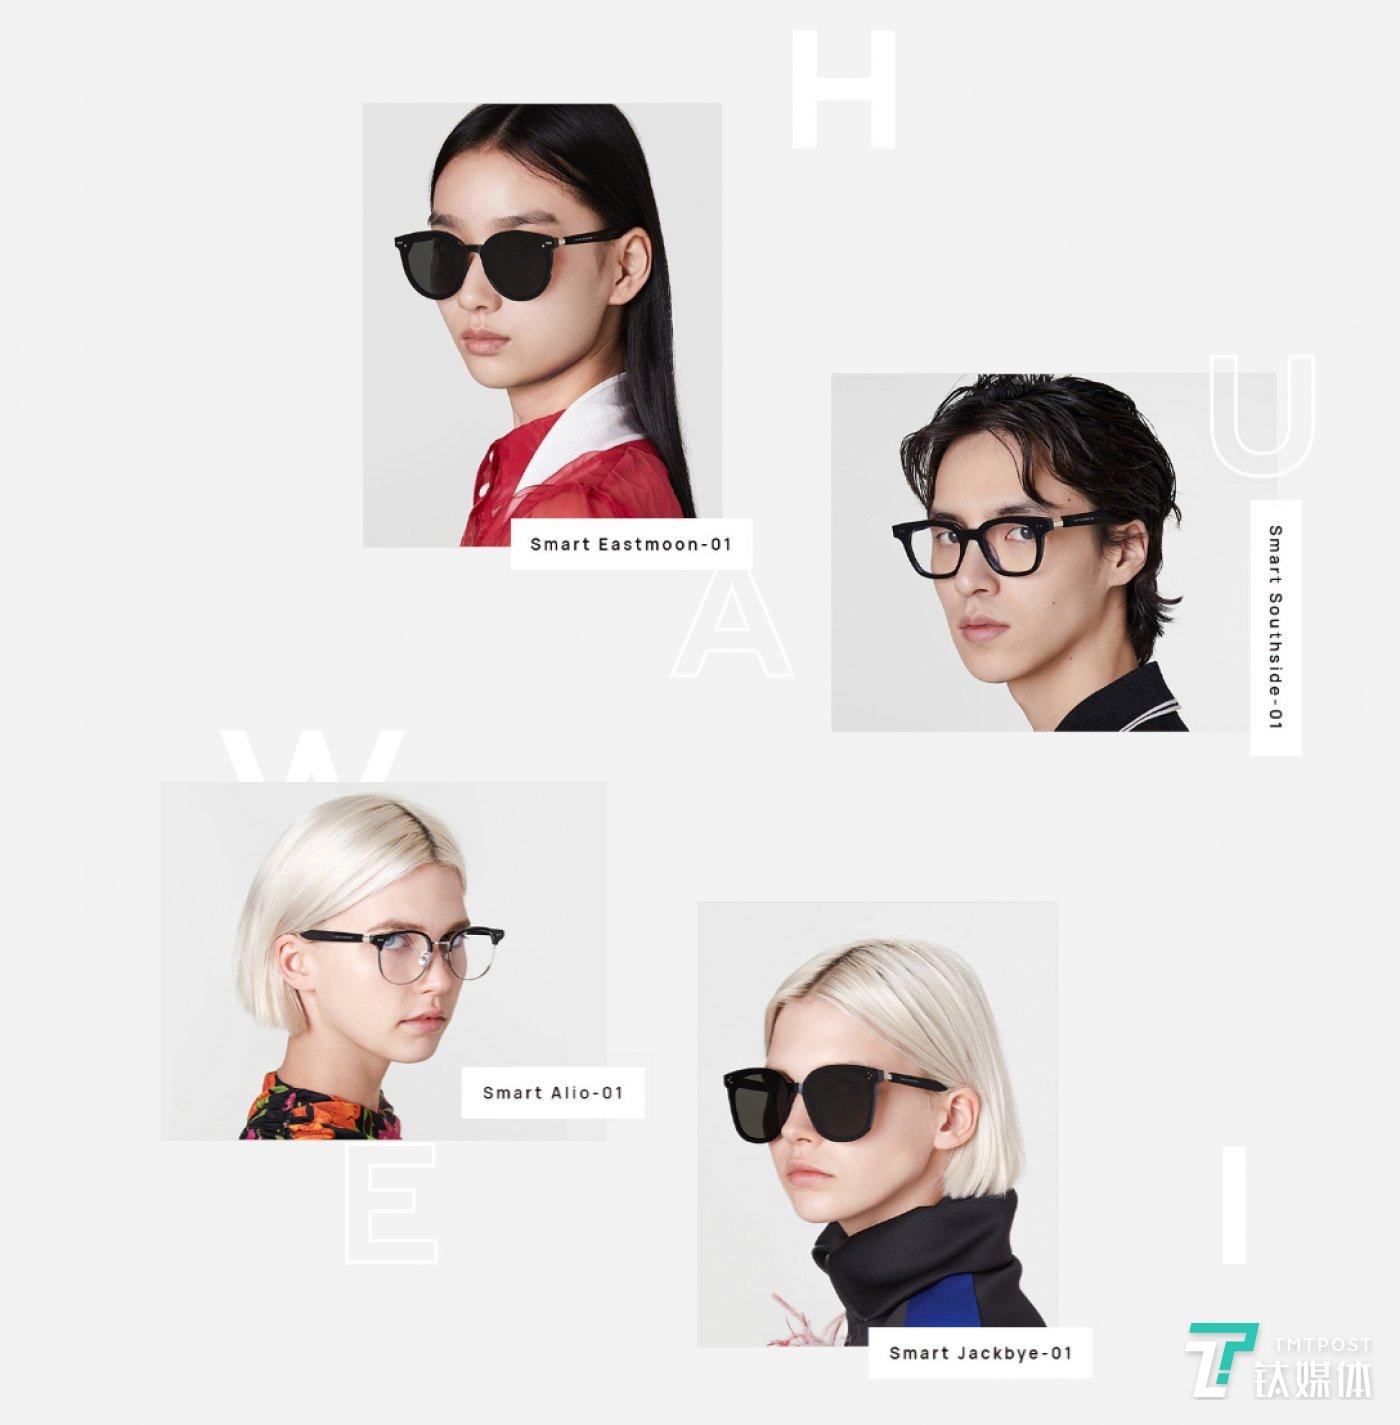 不同款式的Eyewear